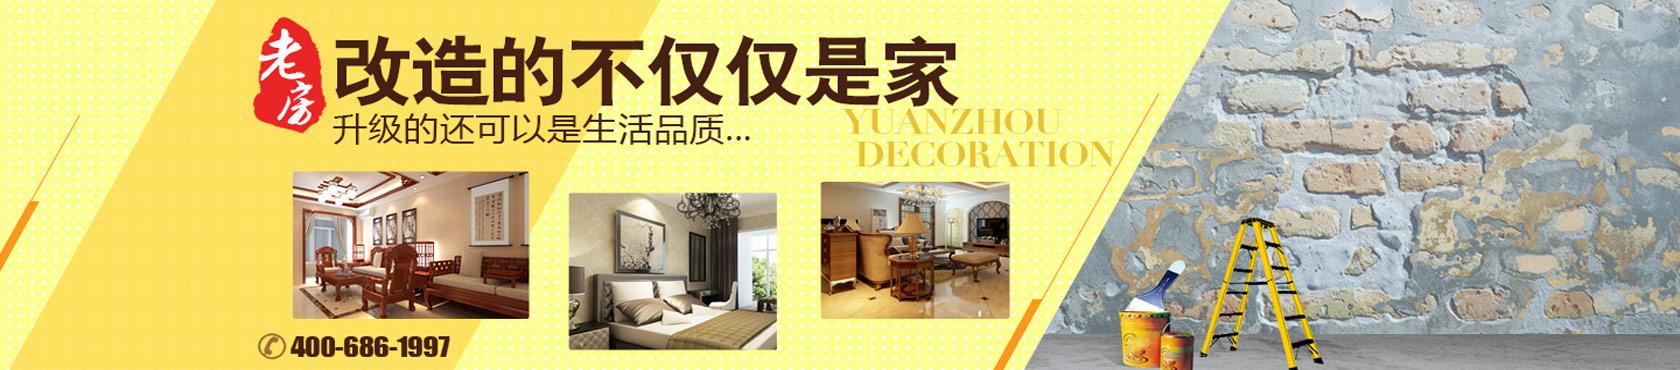 荆州旧房改造活动